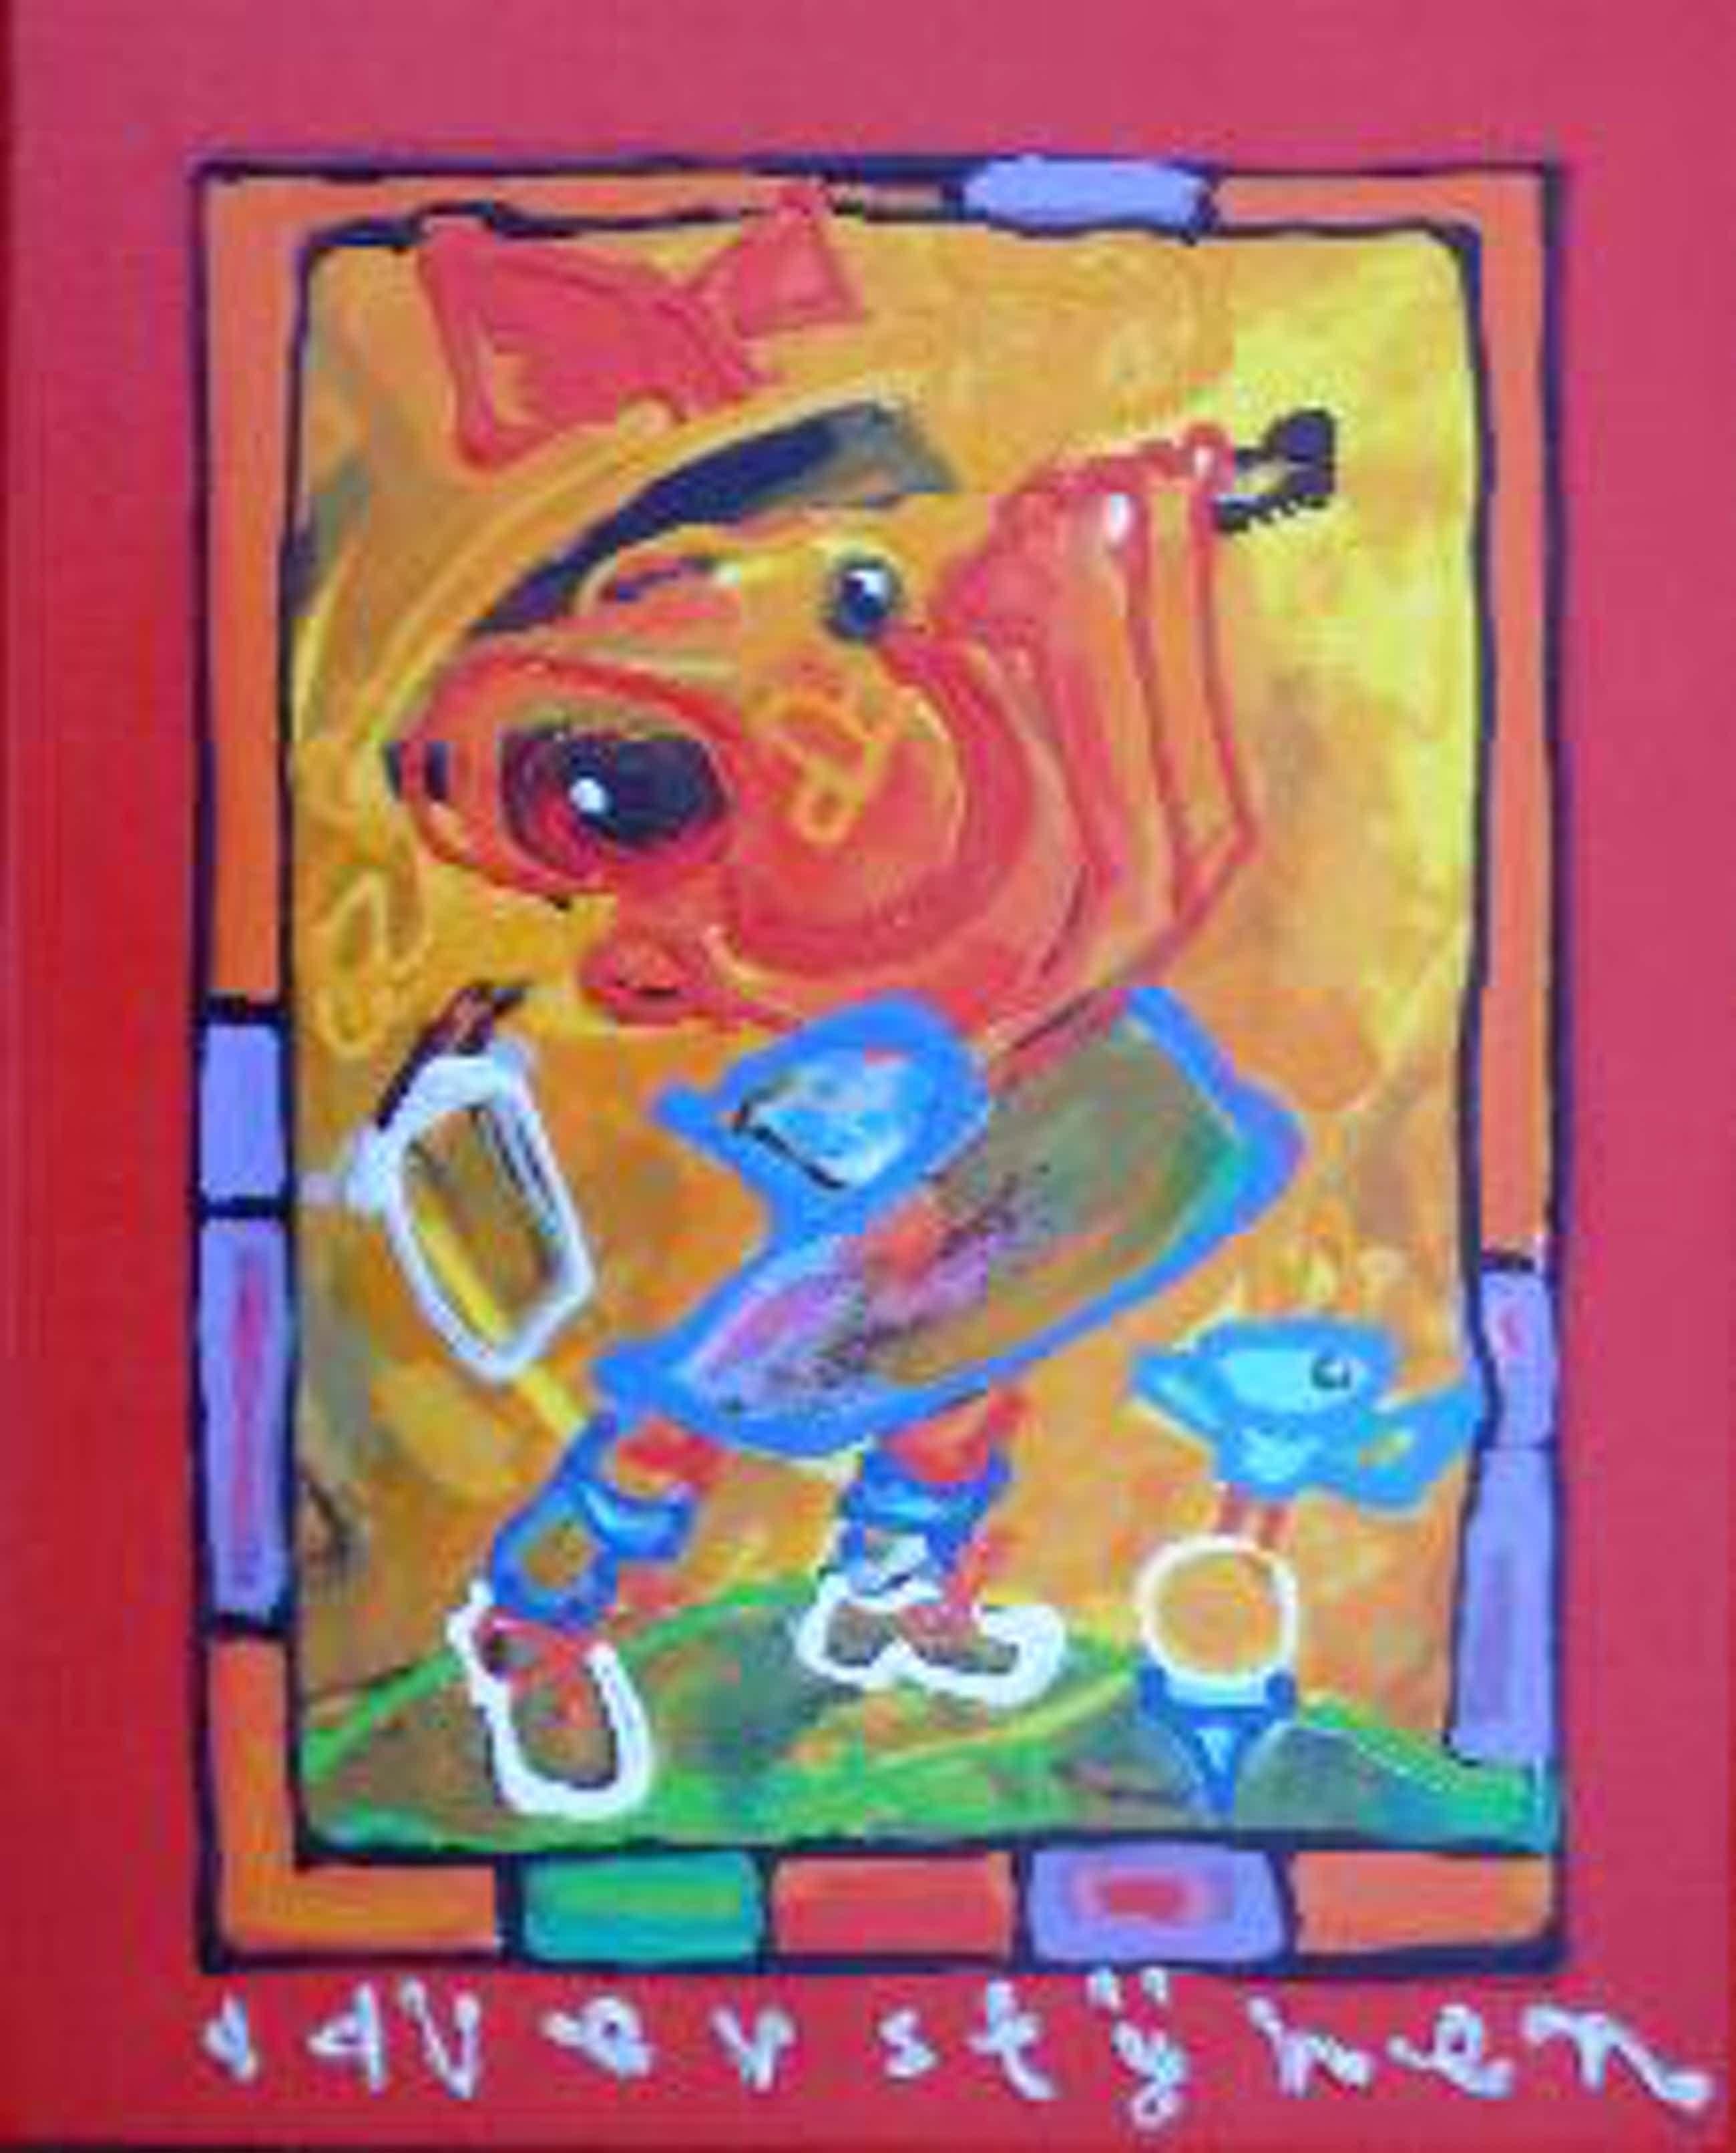 46282b79af1 Kunstveiling.nl: Dé online veiling van Kunst en Design.